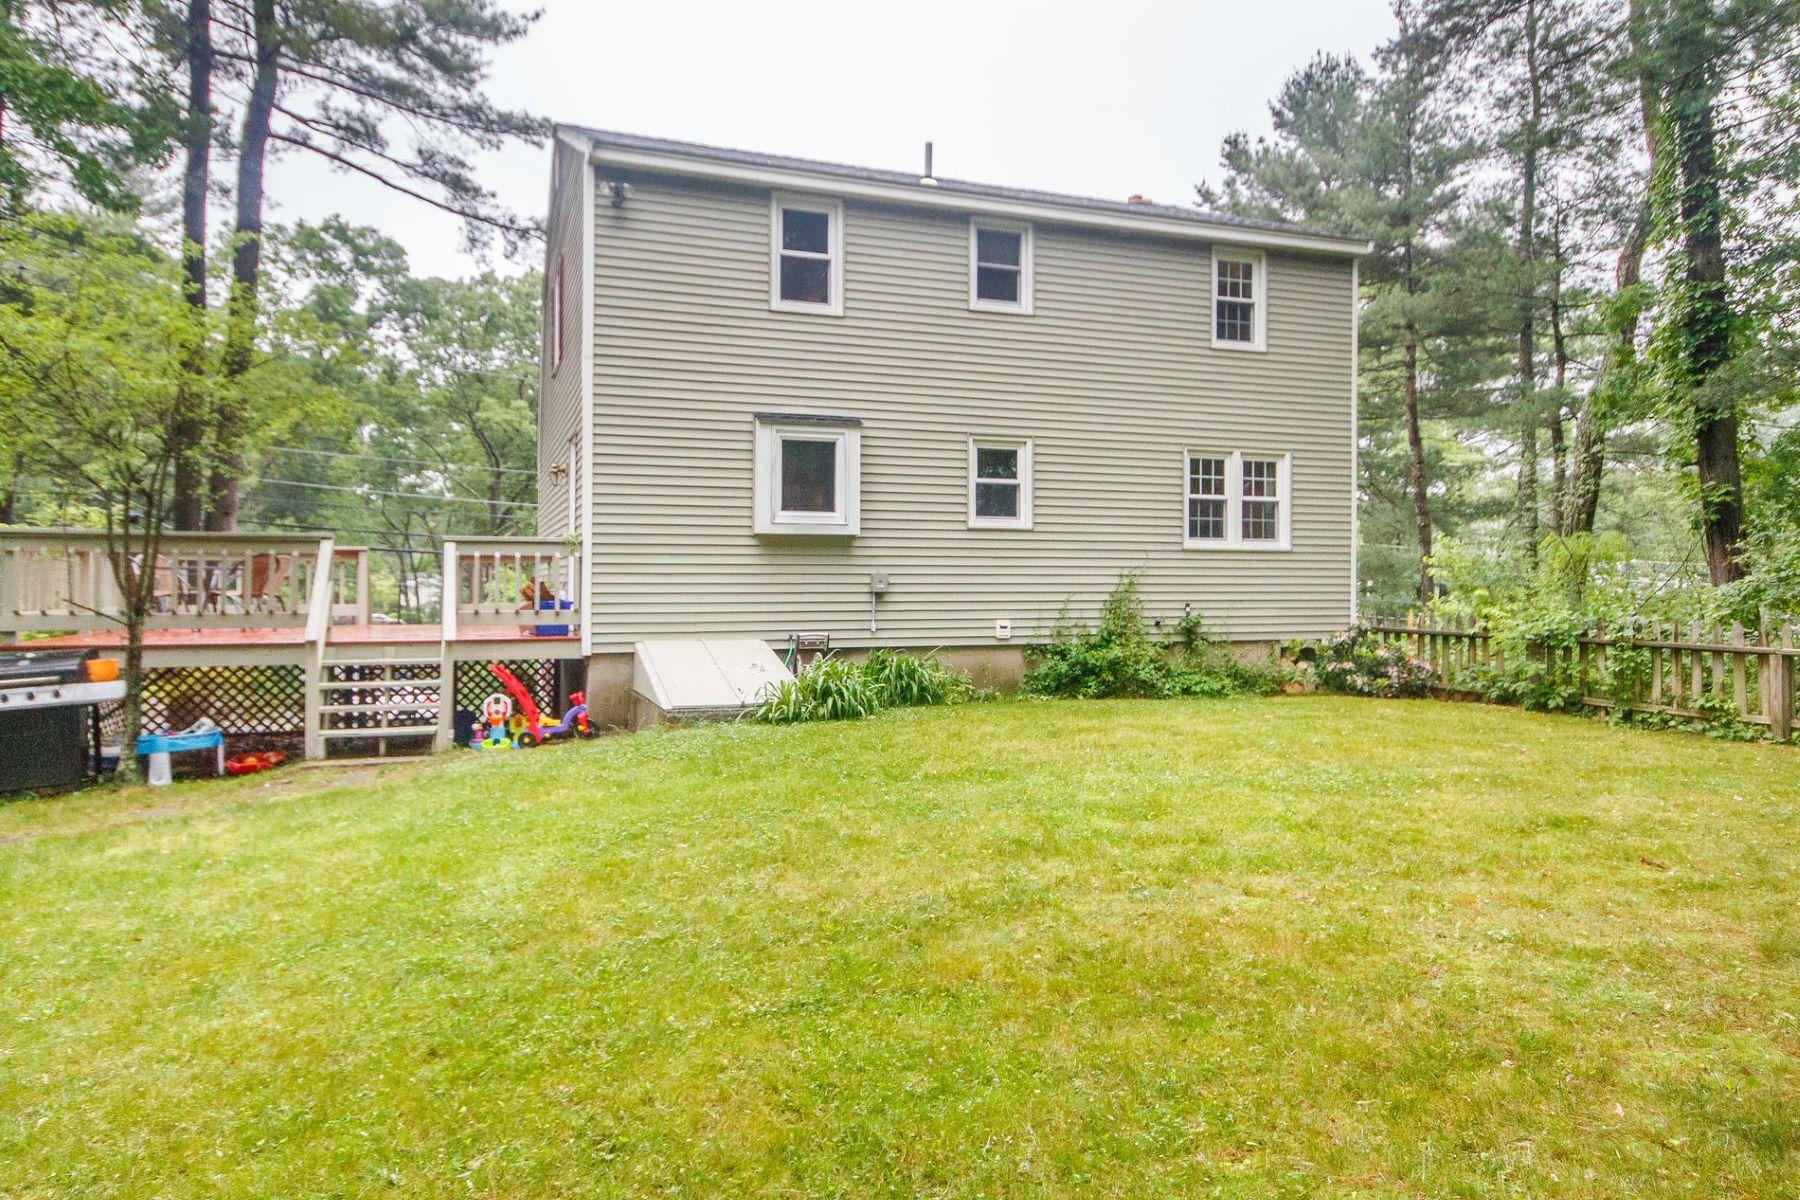 Maison unifamiliale pour l Vente à 230 River Street, Billerica Billerica, Massachusetts, 01821 États-Unis